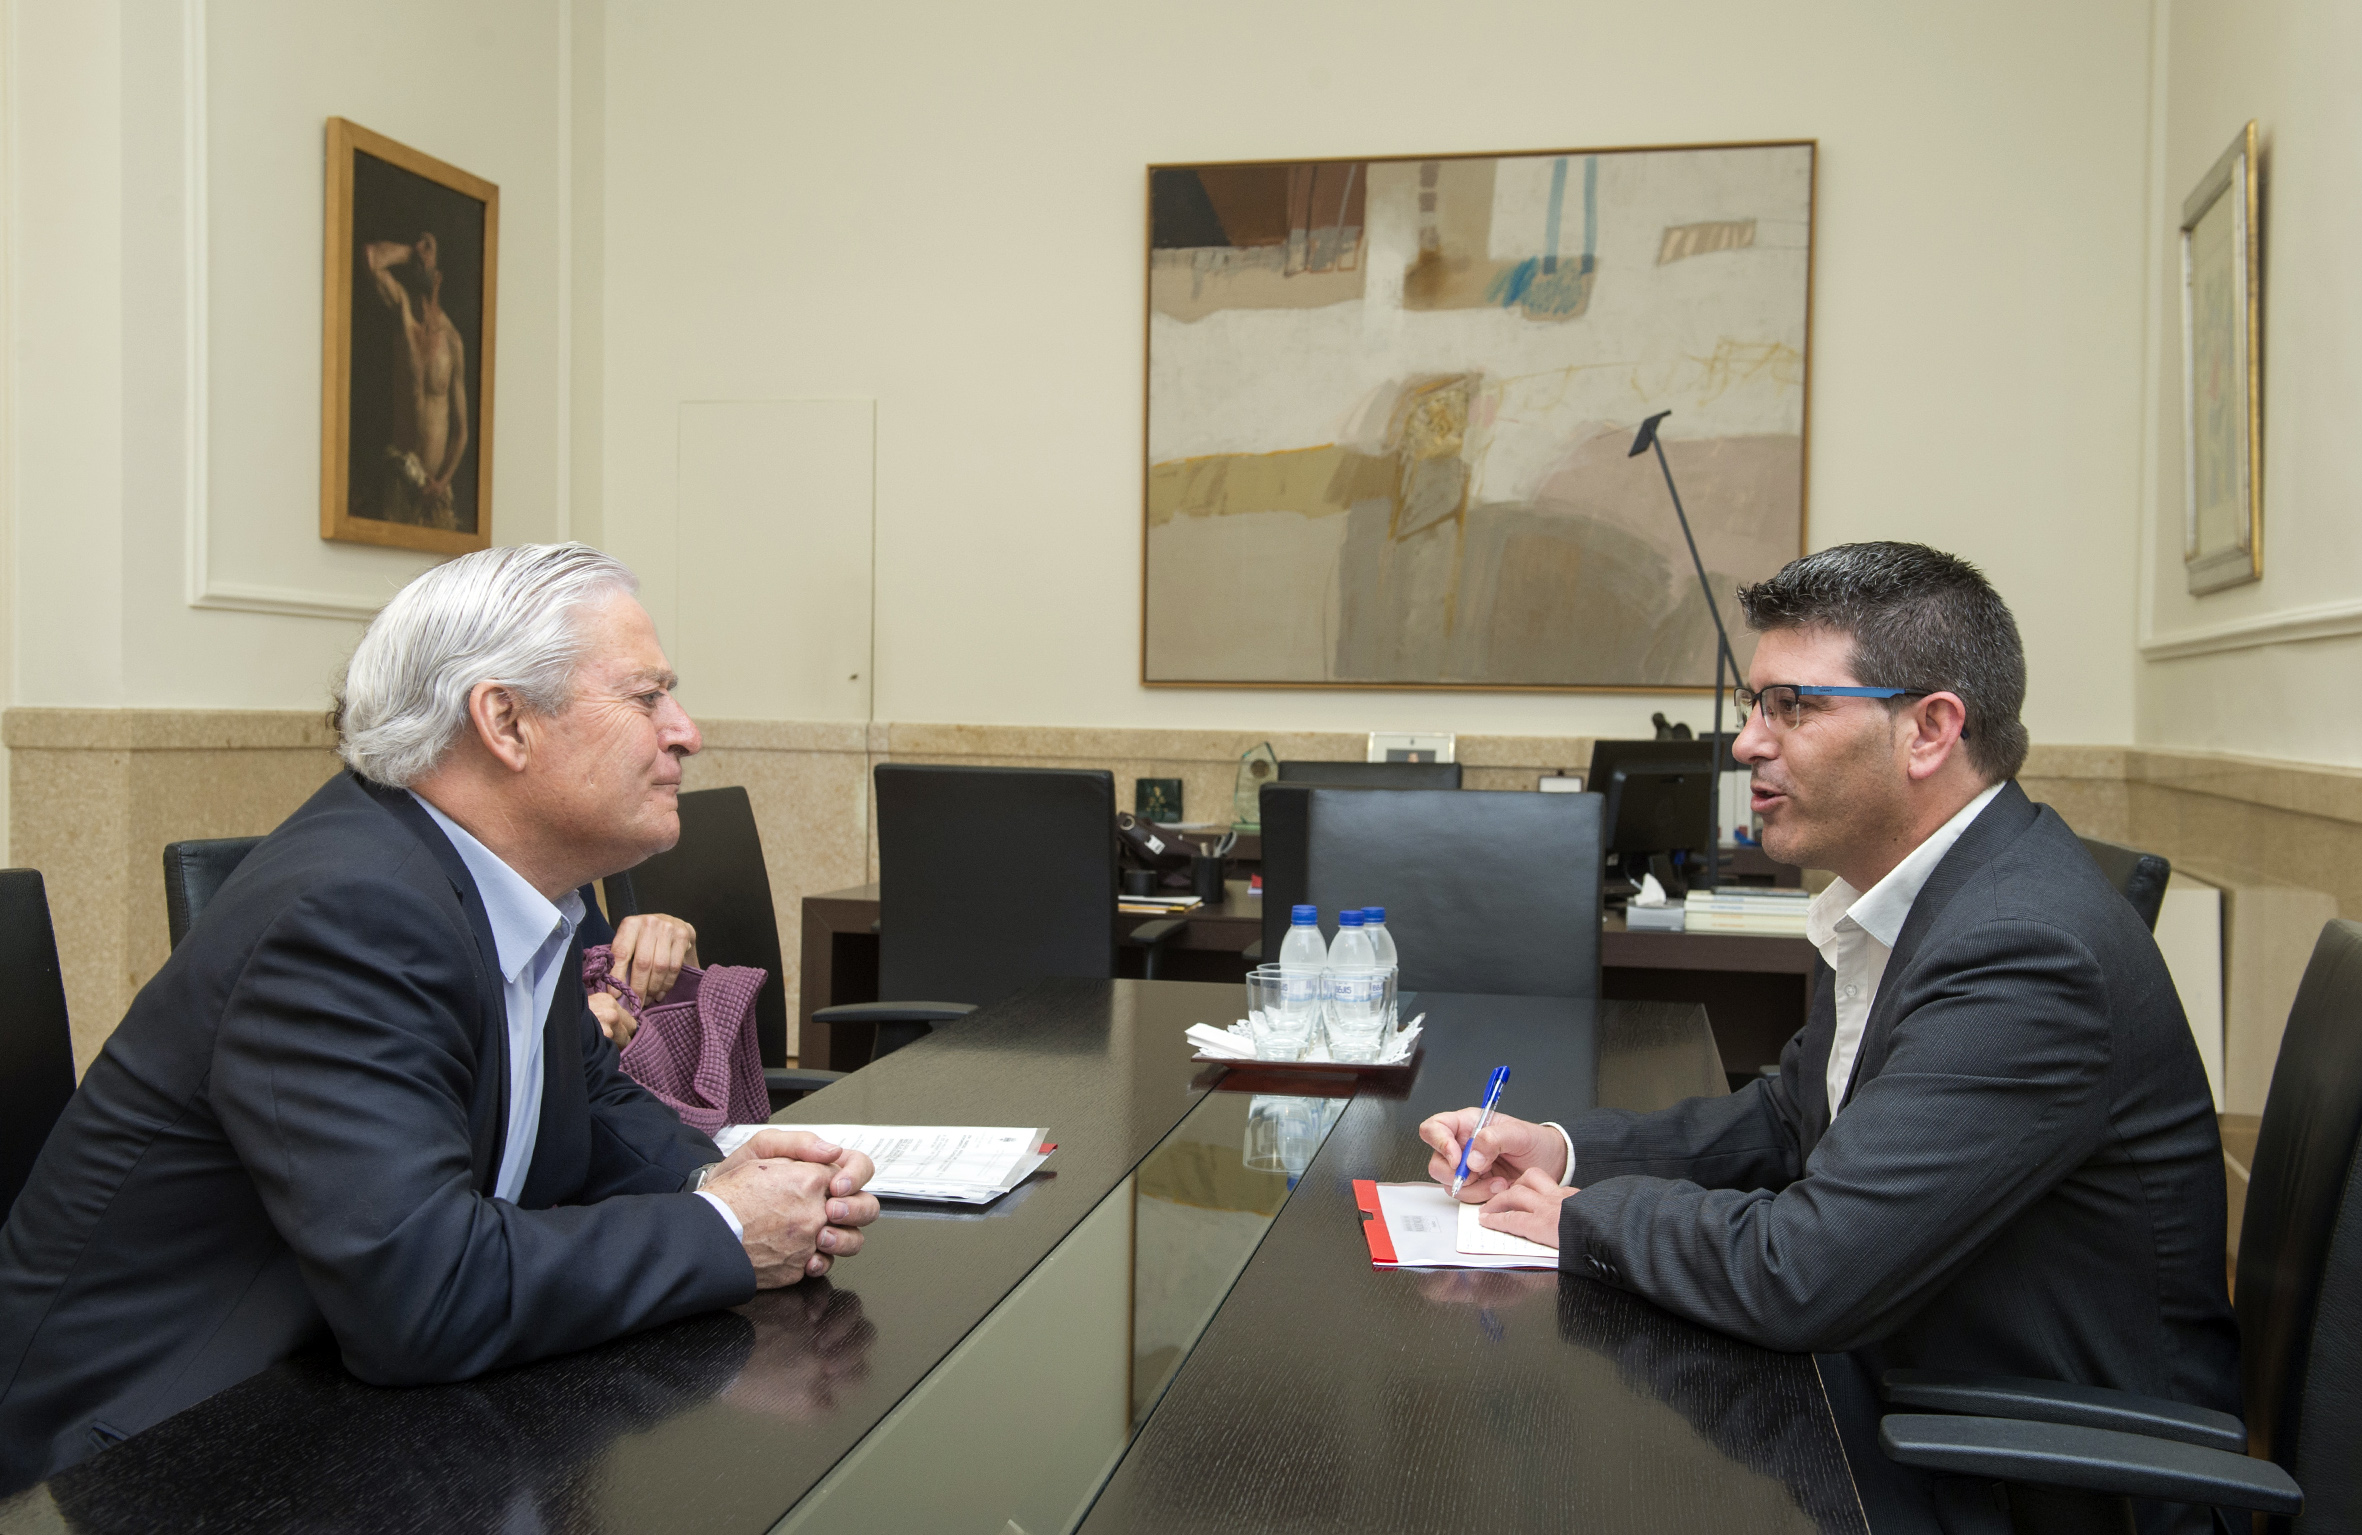 El presidente de la Diputación, Jorge Rodríguez, con el alcalde de Villargordo del Cabriel, Francisco Nuévalos.